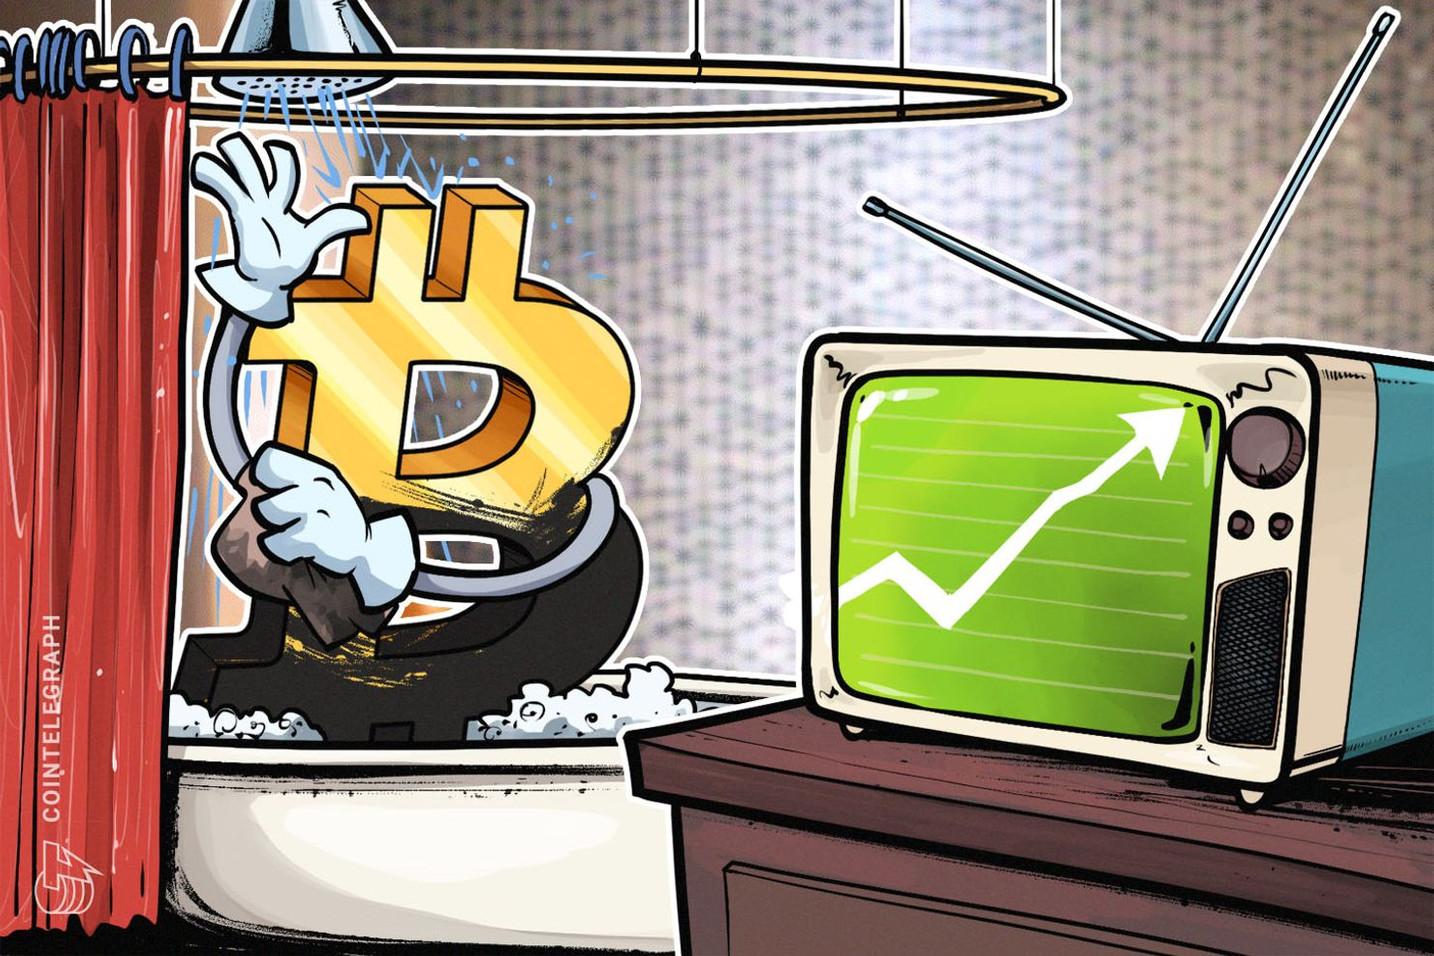 カウントダウン前に小休止 仮想通貨ビットコイン、「極端な強欲」に警戒